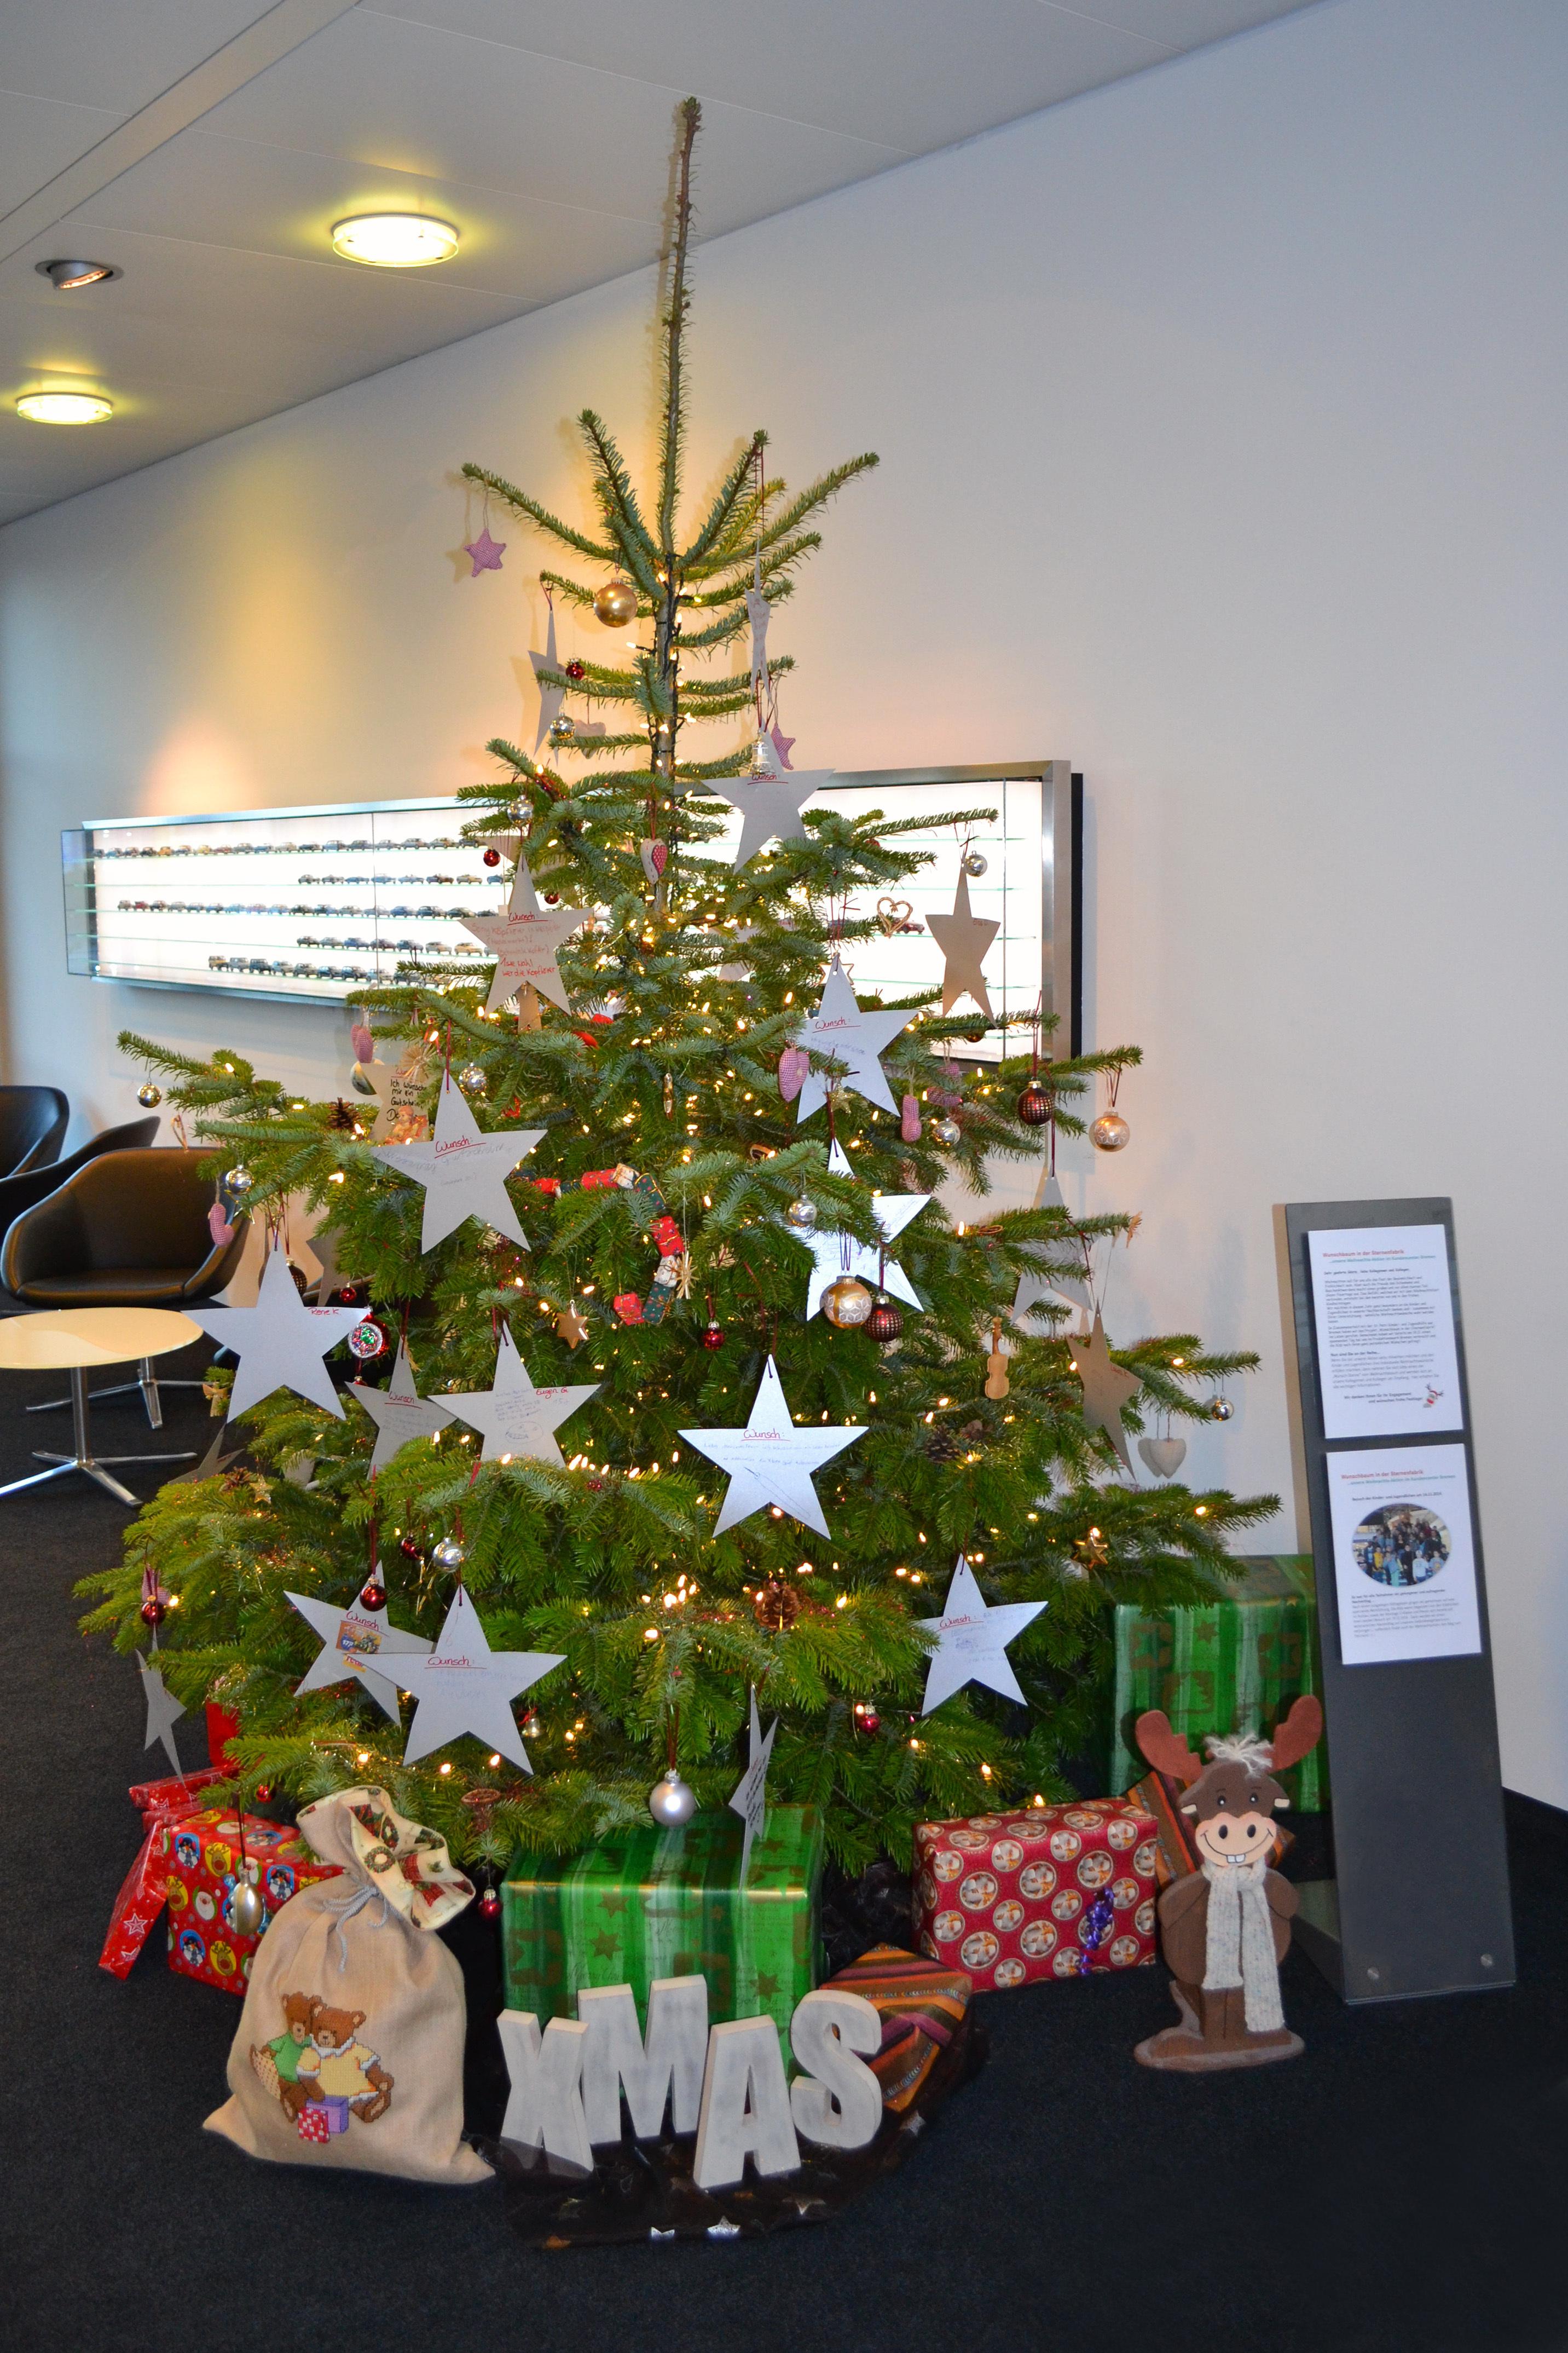 Mercedes Bremen Kundencenter mercedes bremen veranstaltet wunschbaum in der sternenfabrik